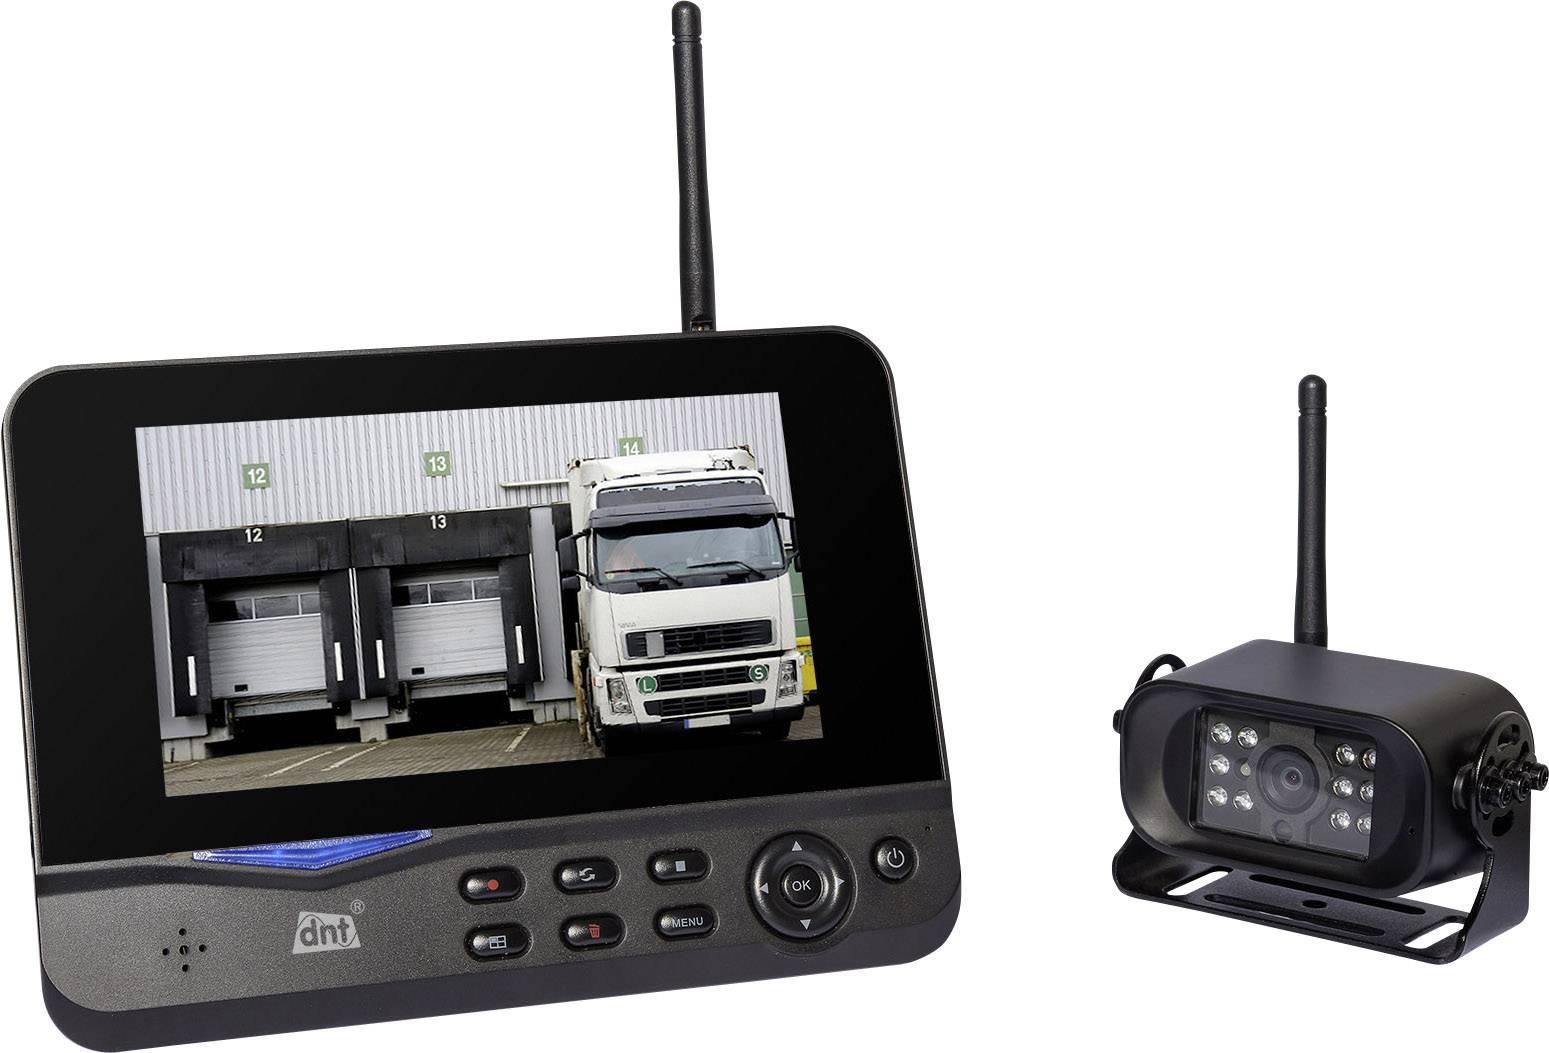 Bezdrôtový cúvací videosystém pre ťahače dnt RFK Truck